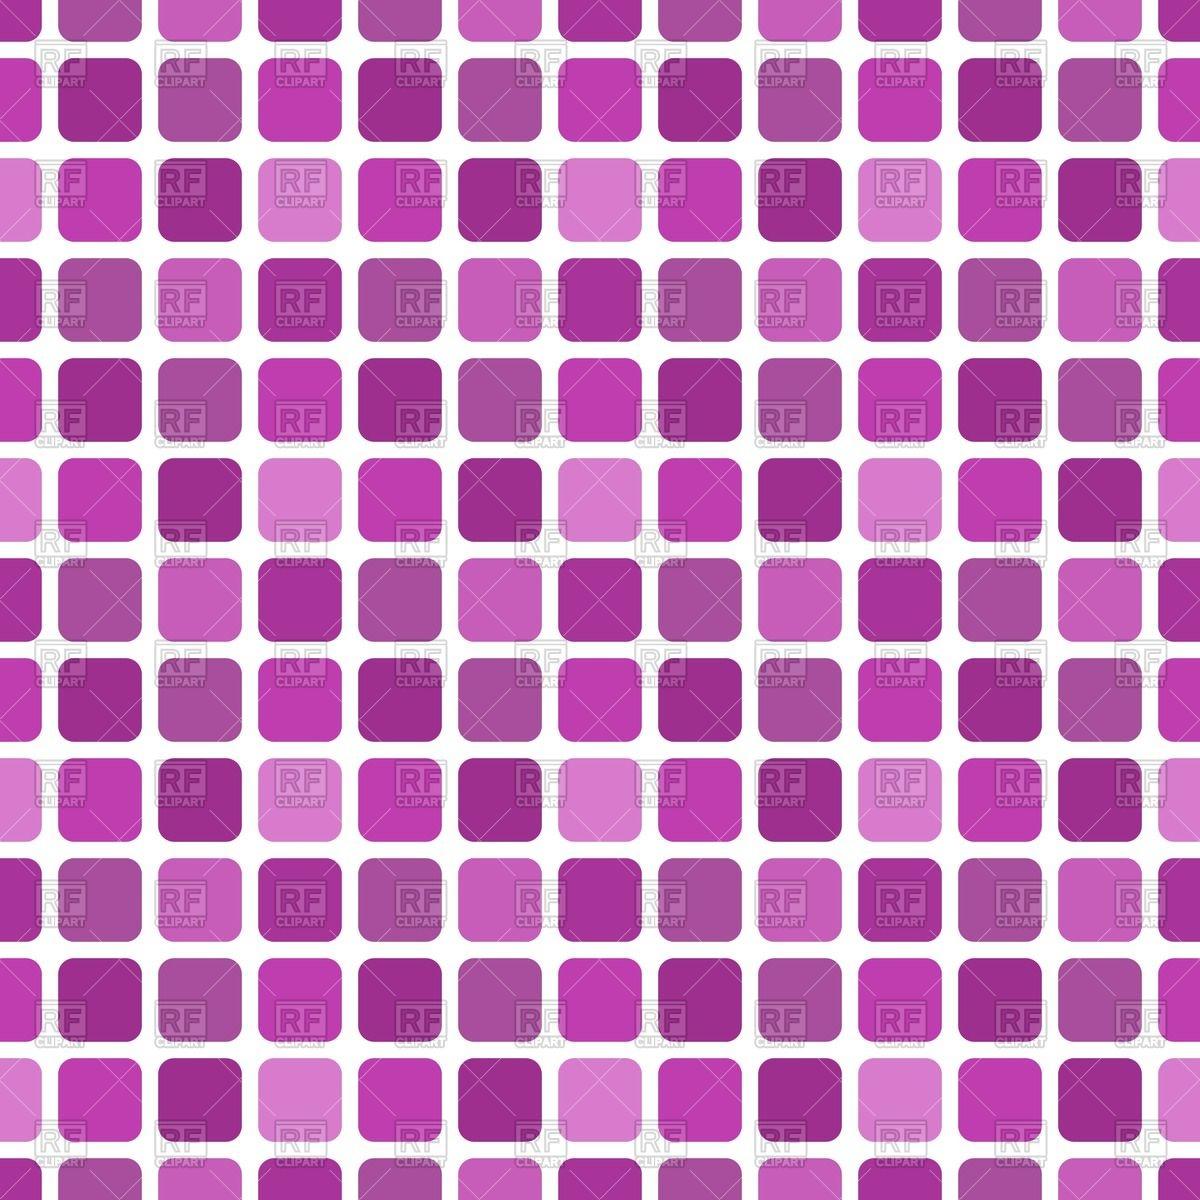 1200x1200 Square Mosaic Seamless Pattern